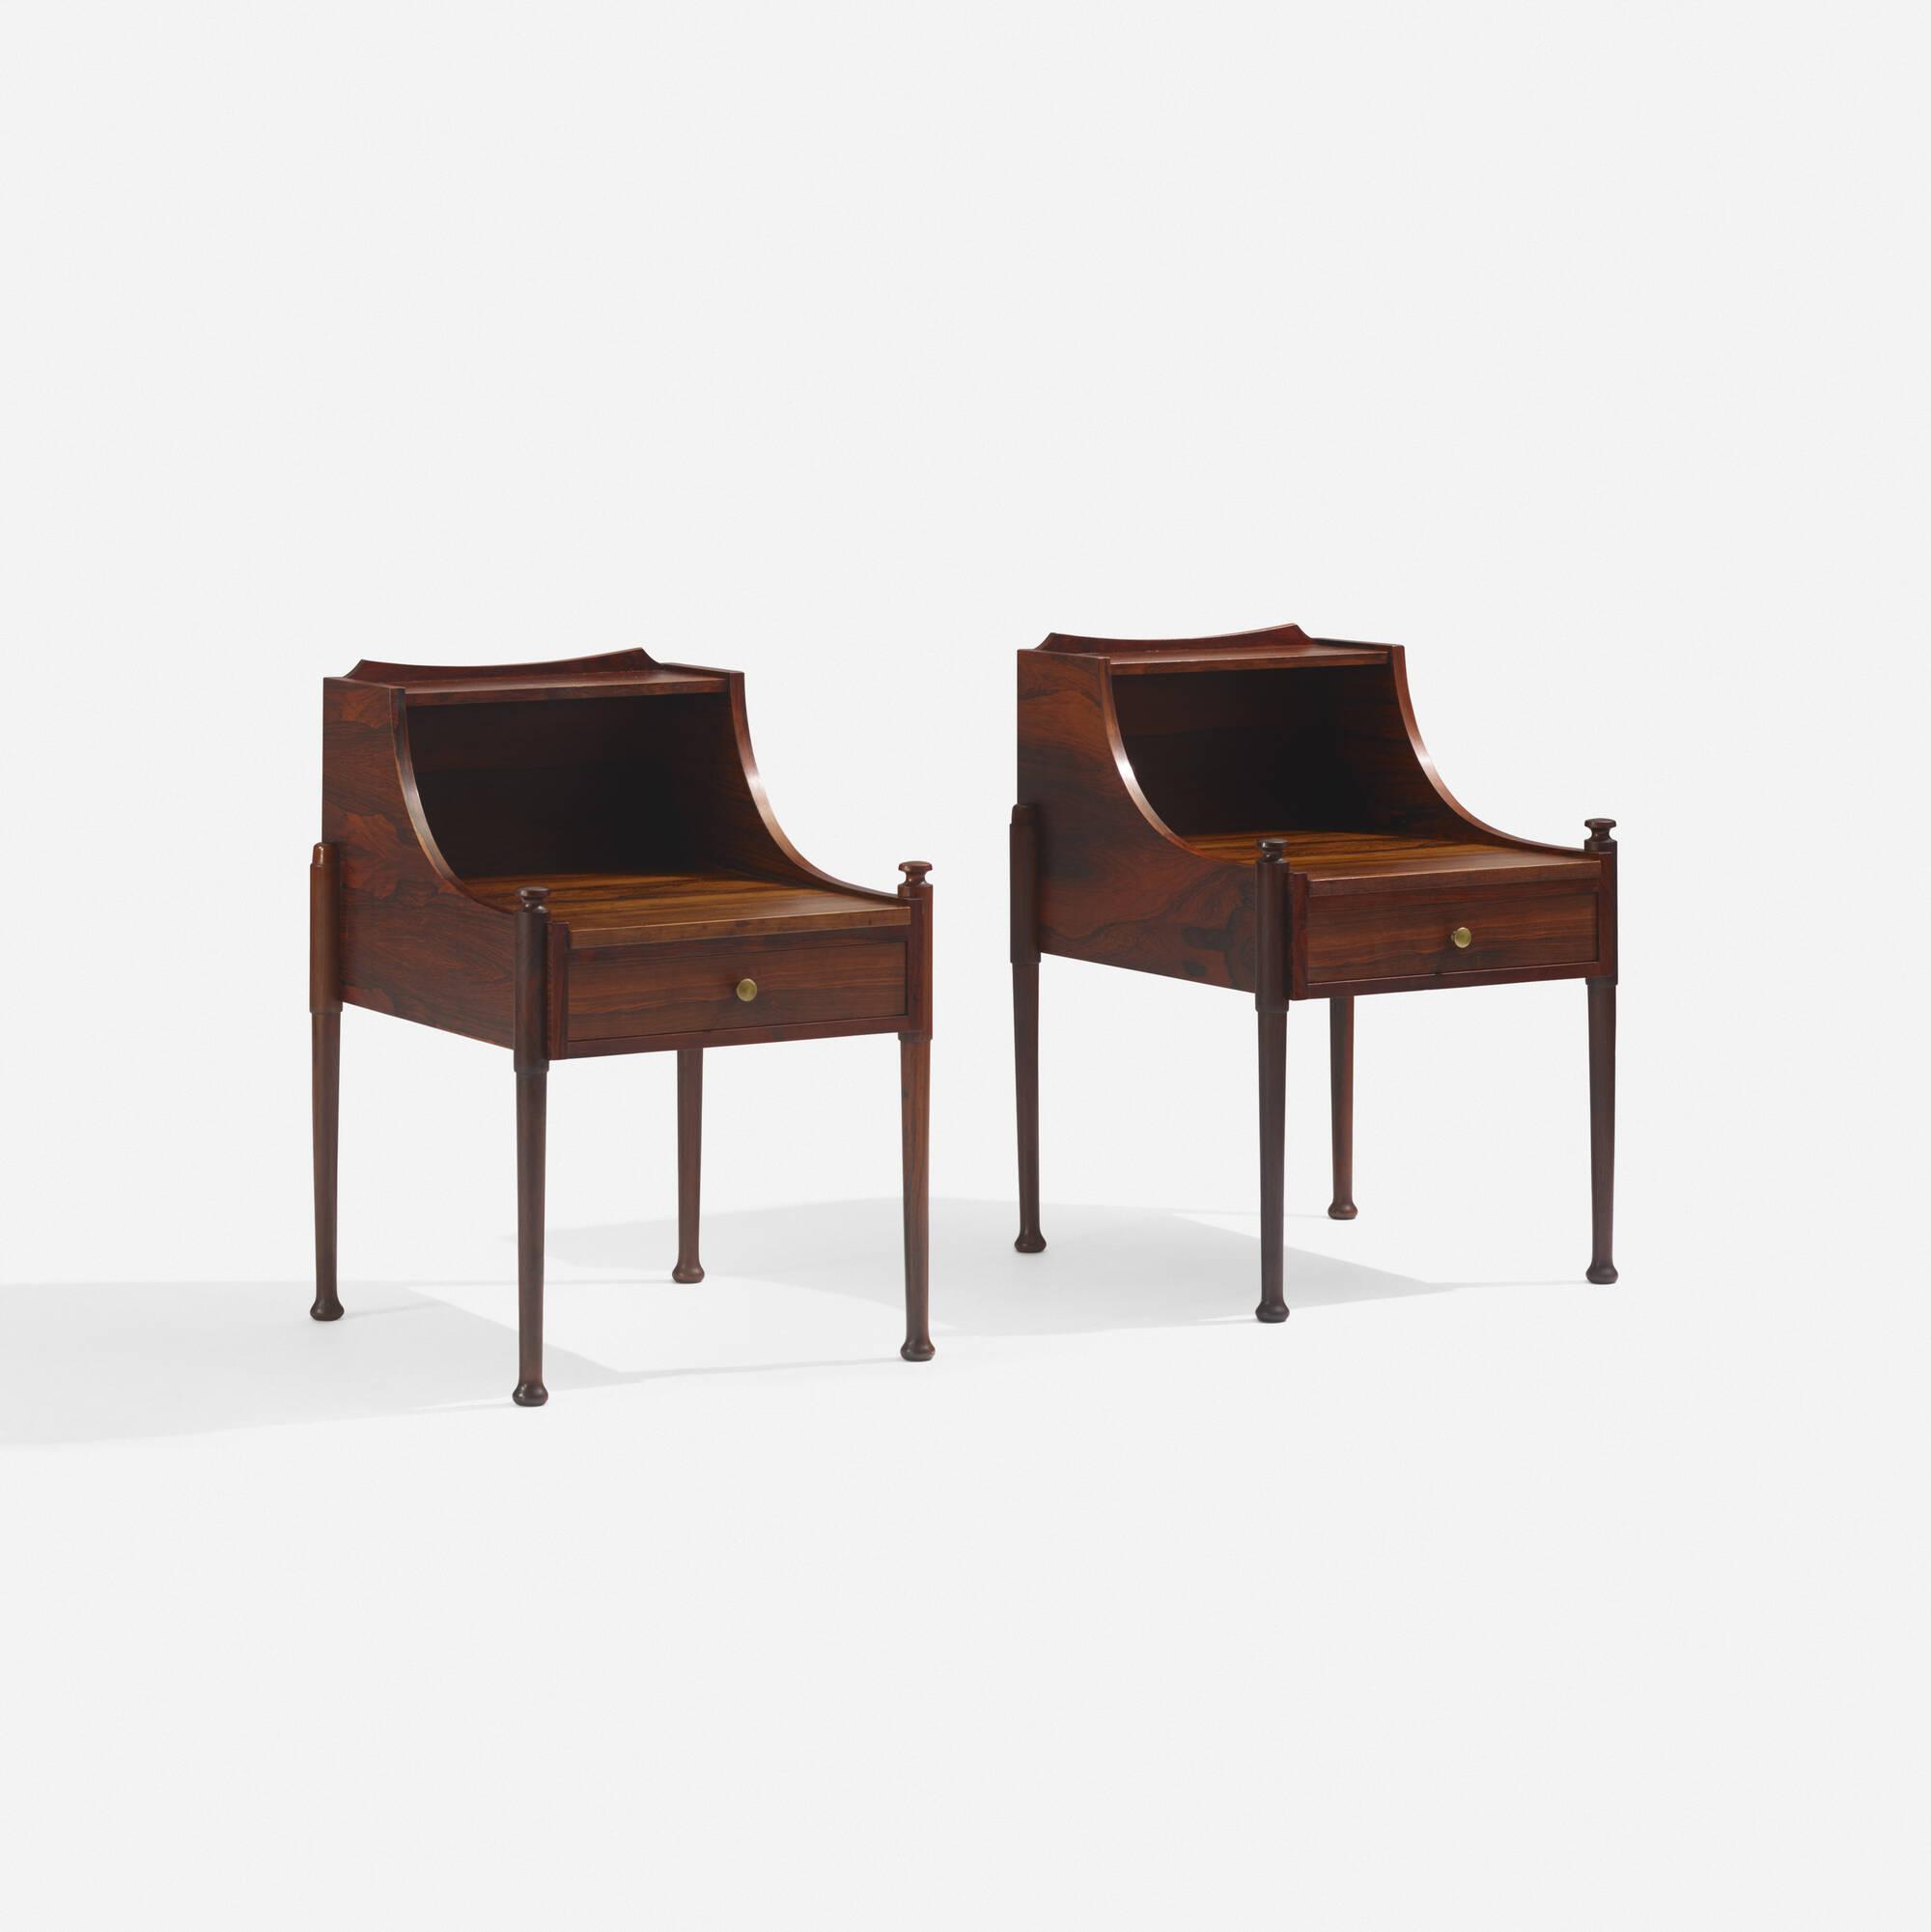 142: Brouer Møbelfabrik / nightstands, pair (1 of 3)